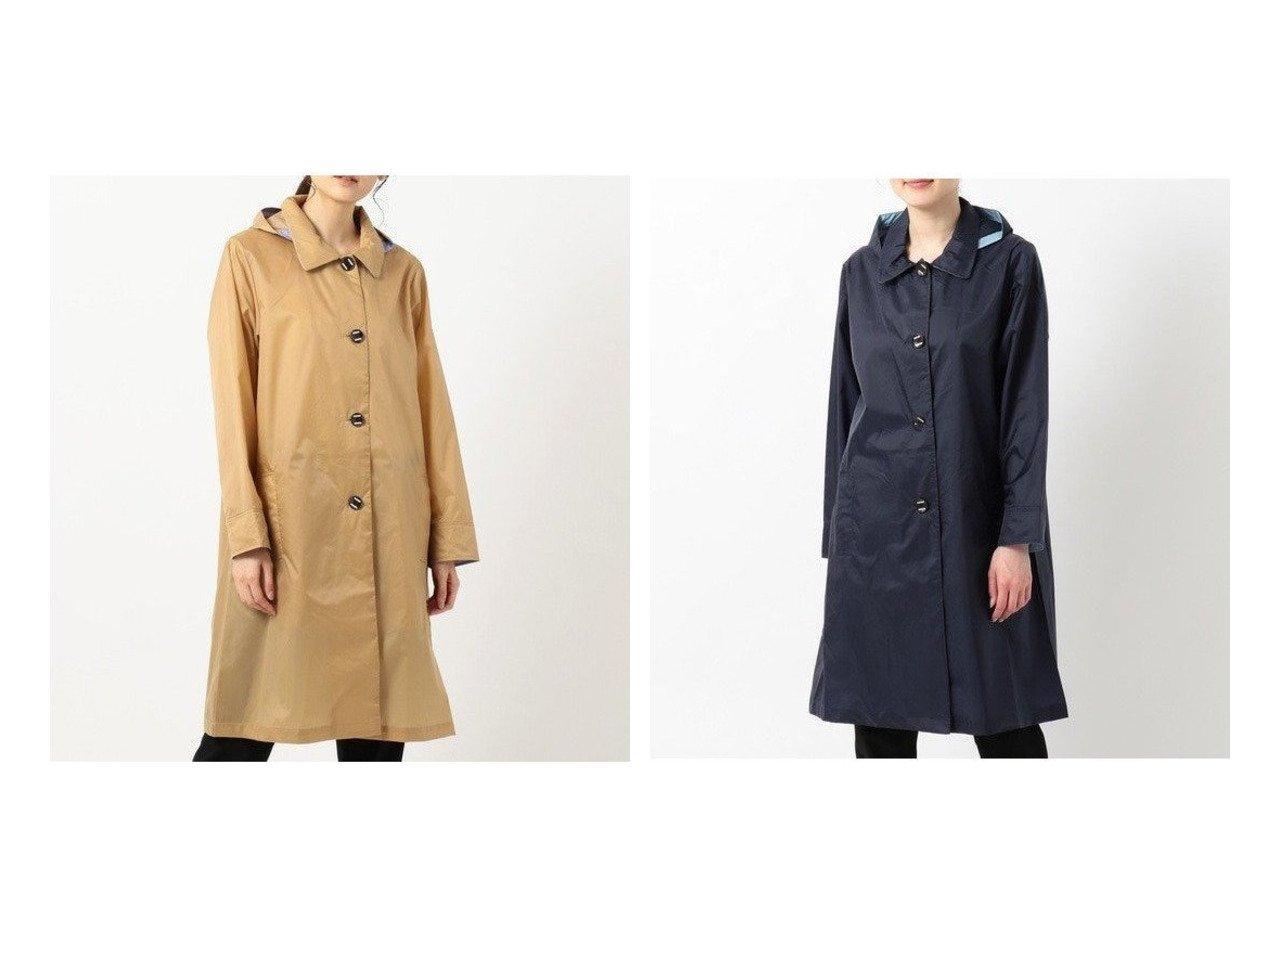 【MOONBAT/ムーンバット】のFULTON トレンチシングルレインコート アウターのおすすめ!人気、レディースファッションの通販 おすすめで人気のファッション通販商品 インテリア・家具・キッズファッション・メンズファッション・レディースファッション・服の通販 founy(ファニー) https://founy.com/ ファッション Fashion レディース WOMEN アウター Coat Outerwear コート Coats オレンジ シンプル トレンチ |ID:crp329100000001253